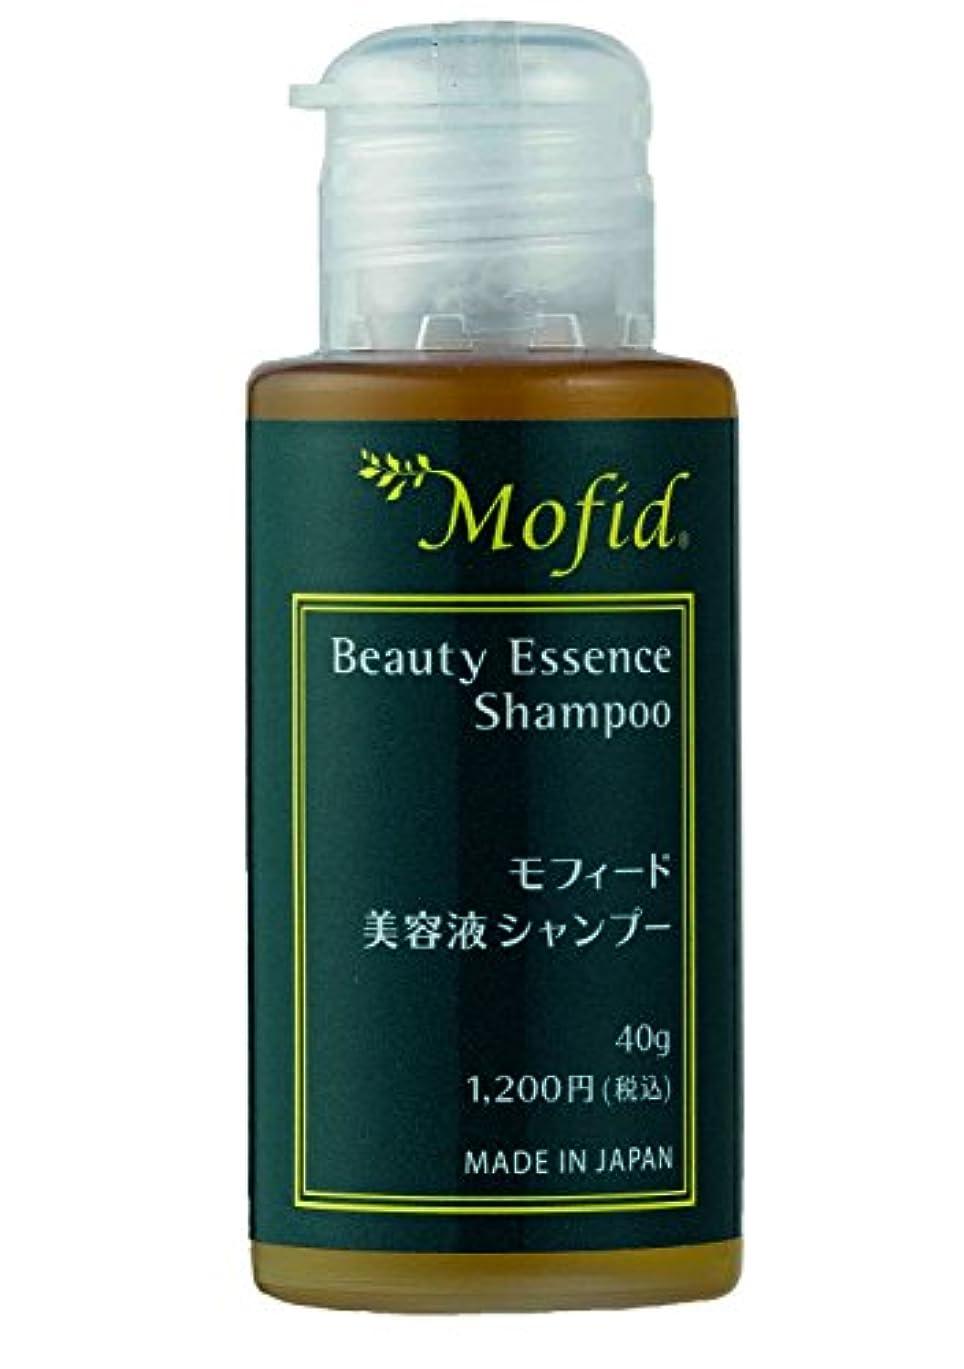 スプレーウール若い日本製 モフィード 美容液 シャンプー 40g 【ハラル Halal 認証 シャンプー】 Mofid Beauty Serum Shampoo